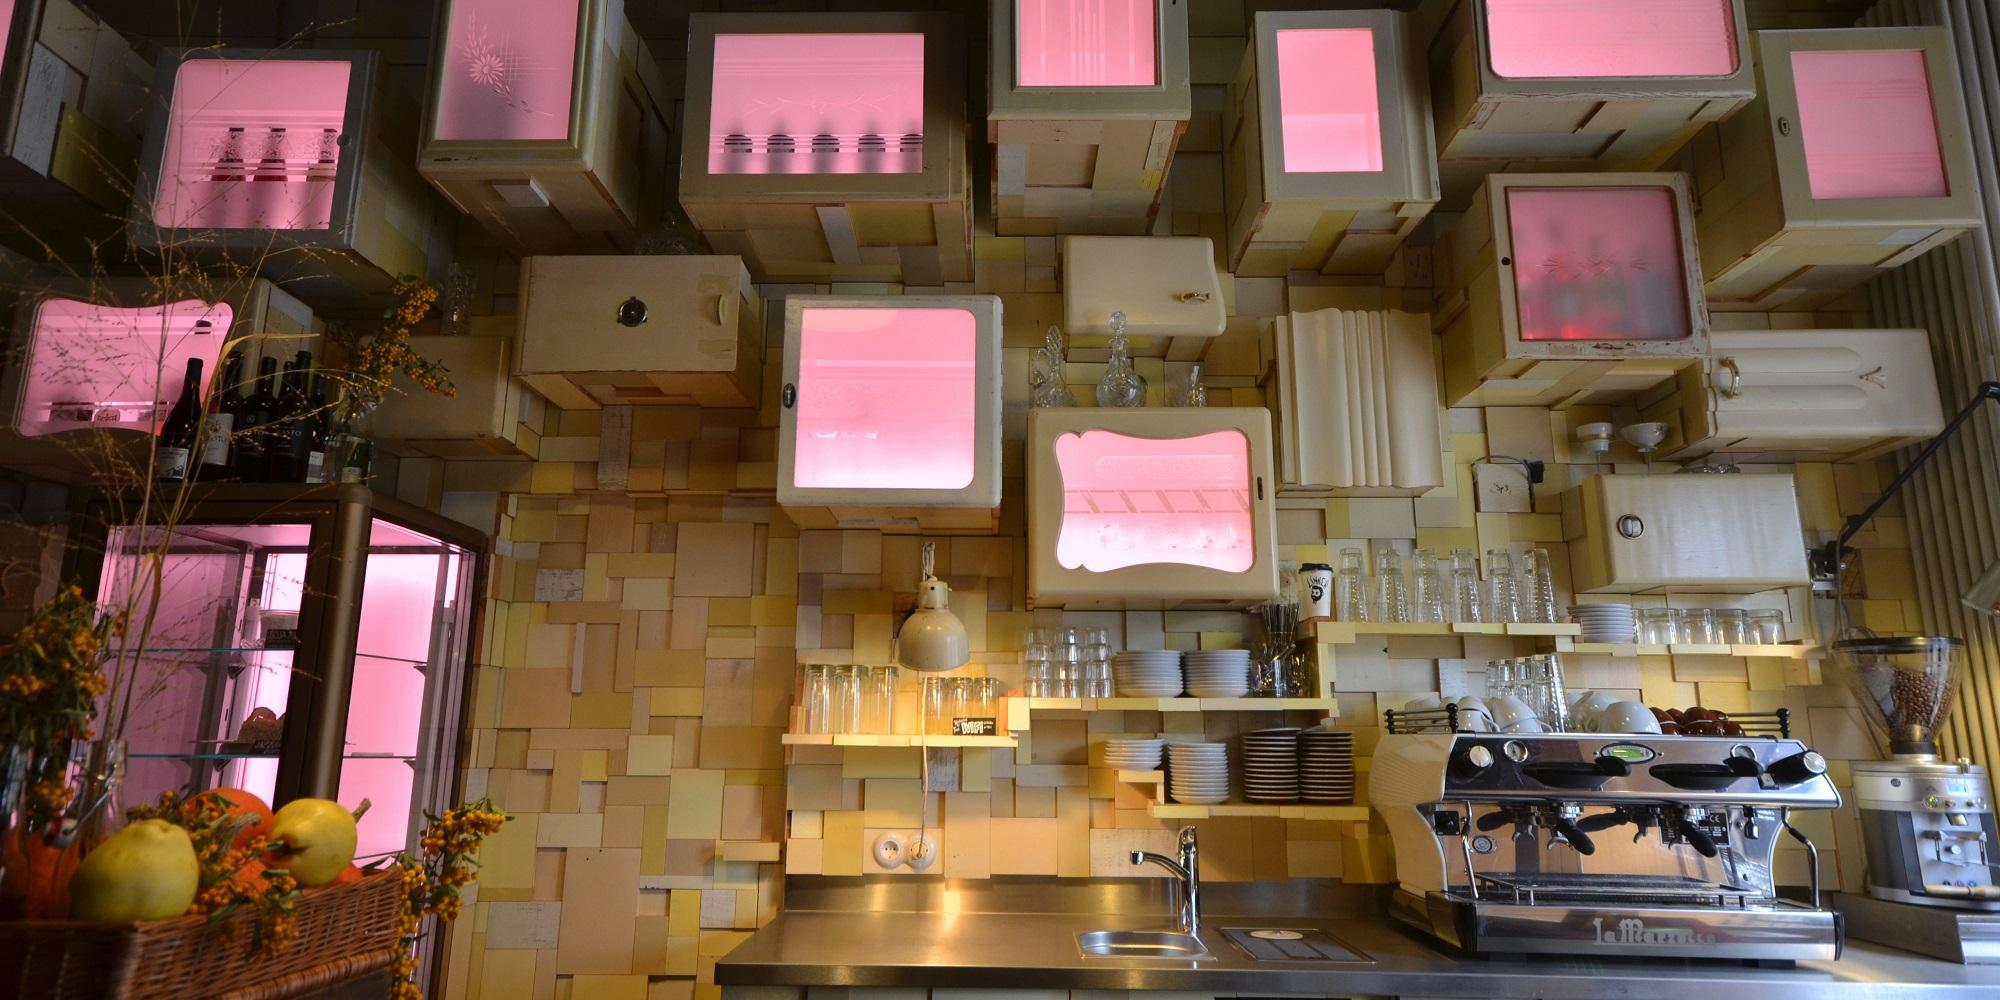 Brunch Linnen Café & Bar (10437 Berlin)